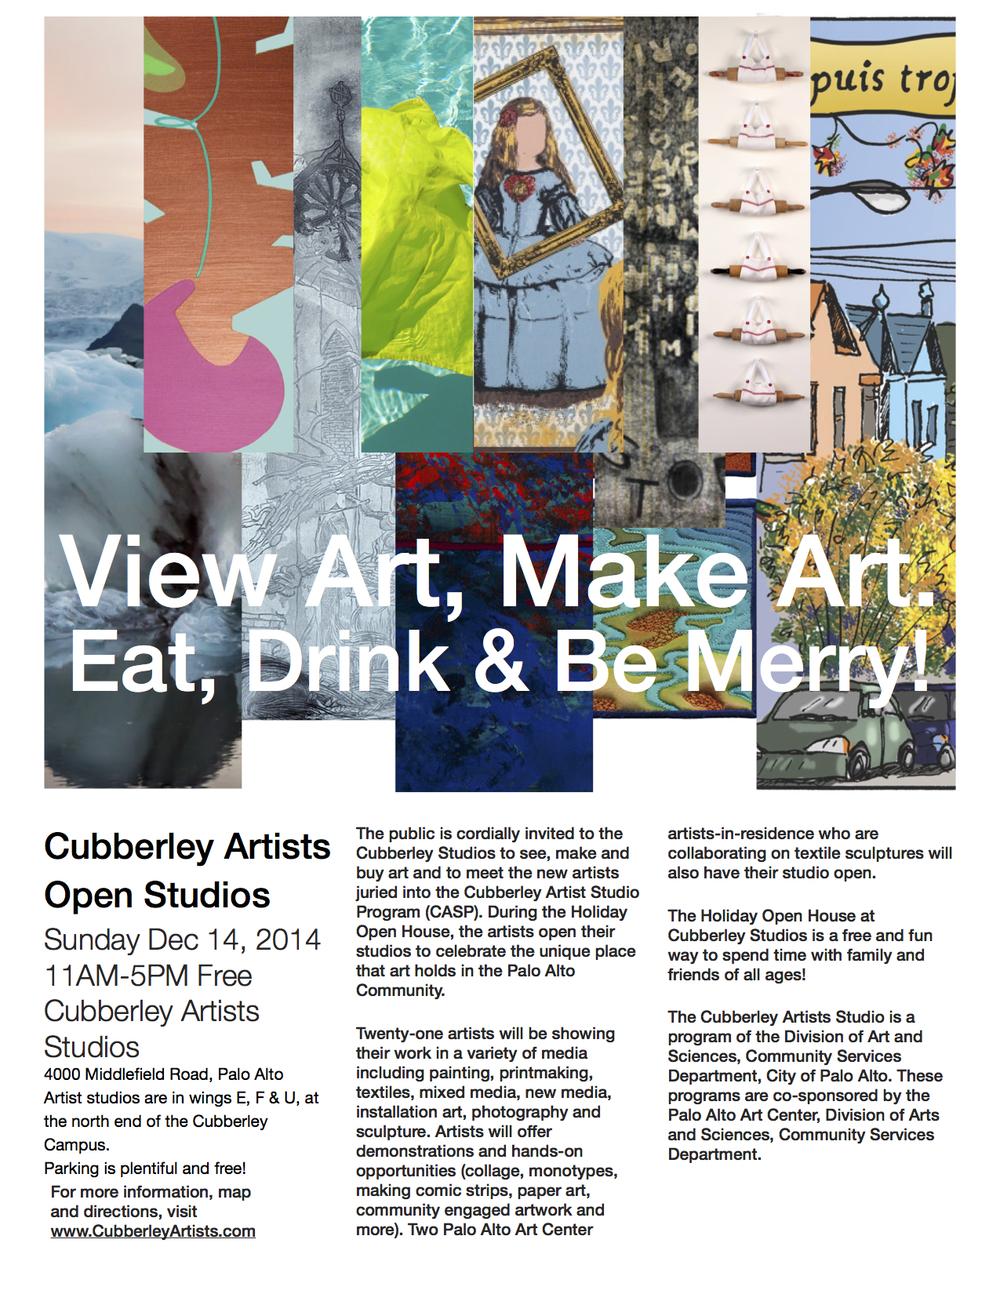 cubberley open studios